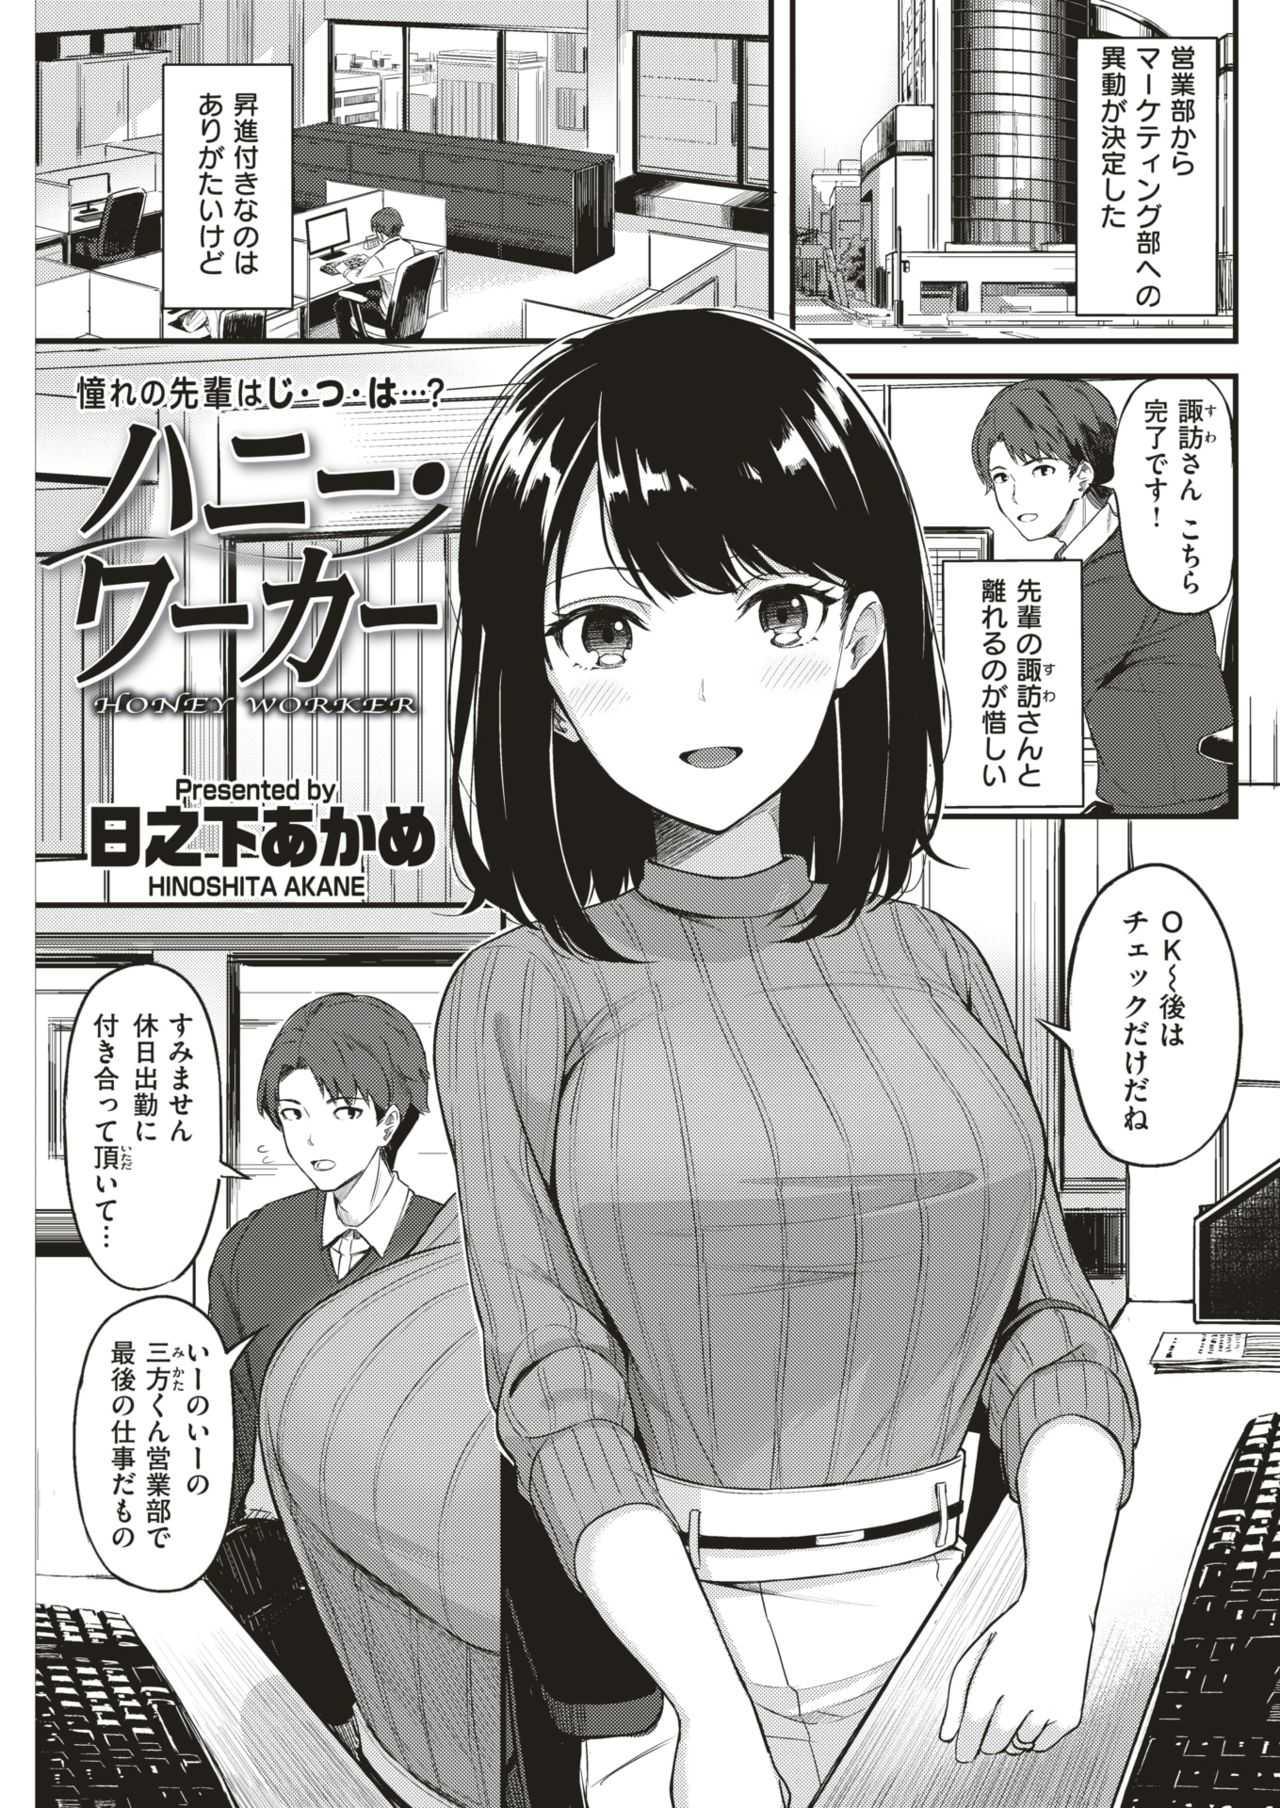 【エロ漫画】先輩OLが残業中にオナニーしているのを目撃したら口止め料として生ハメさせてもらったwww